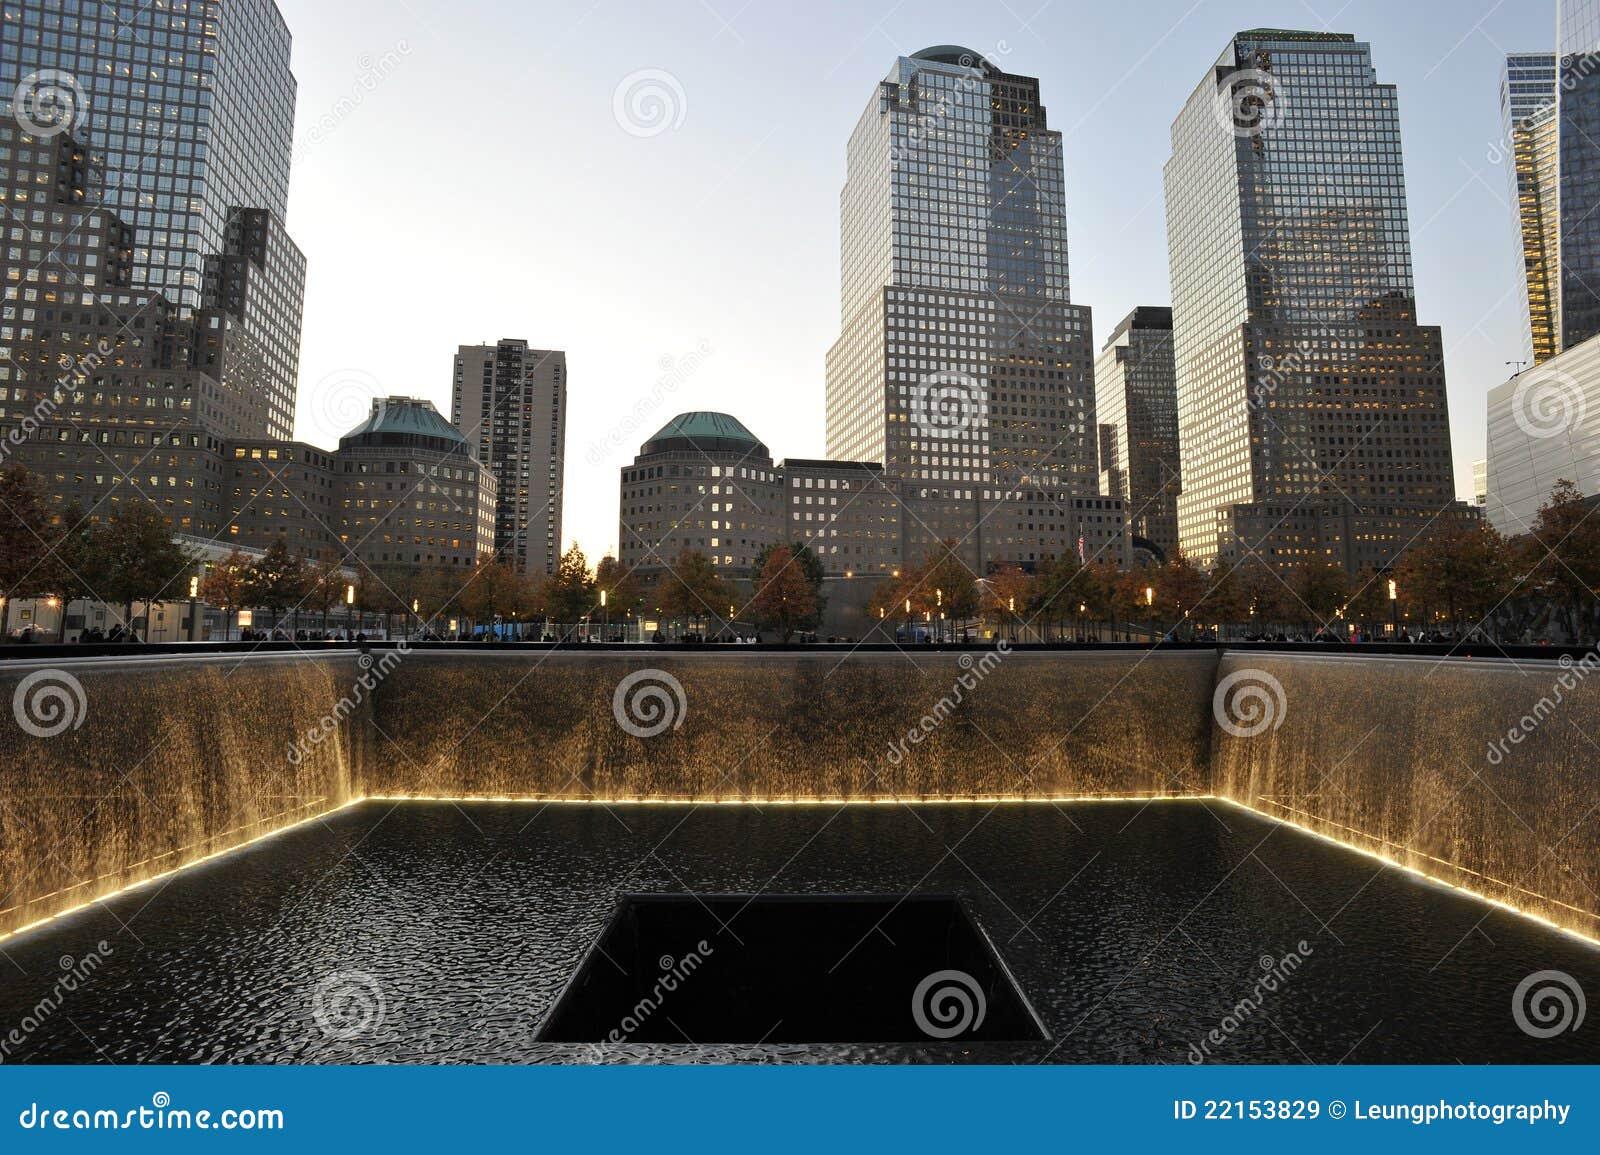 Memorial pools at national september 11 memorial editorial for Pool trade show new york